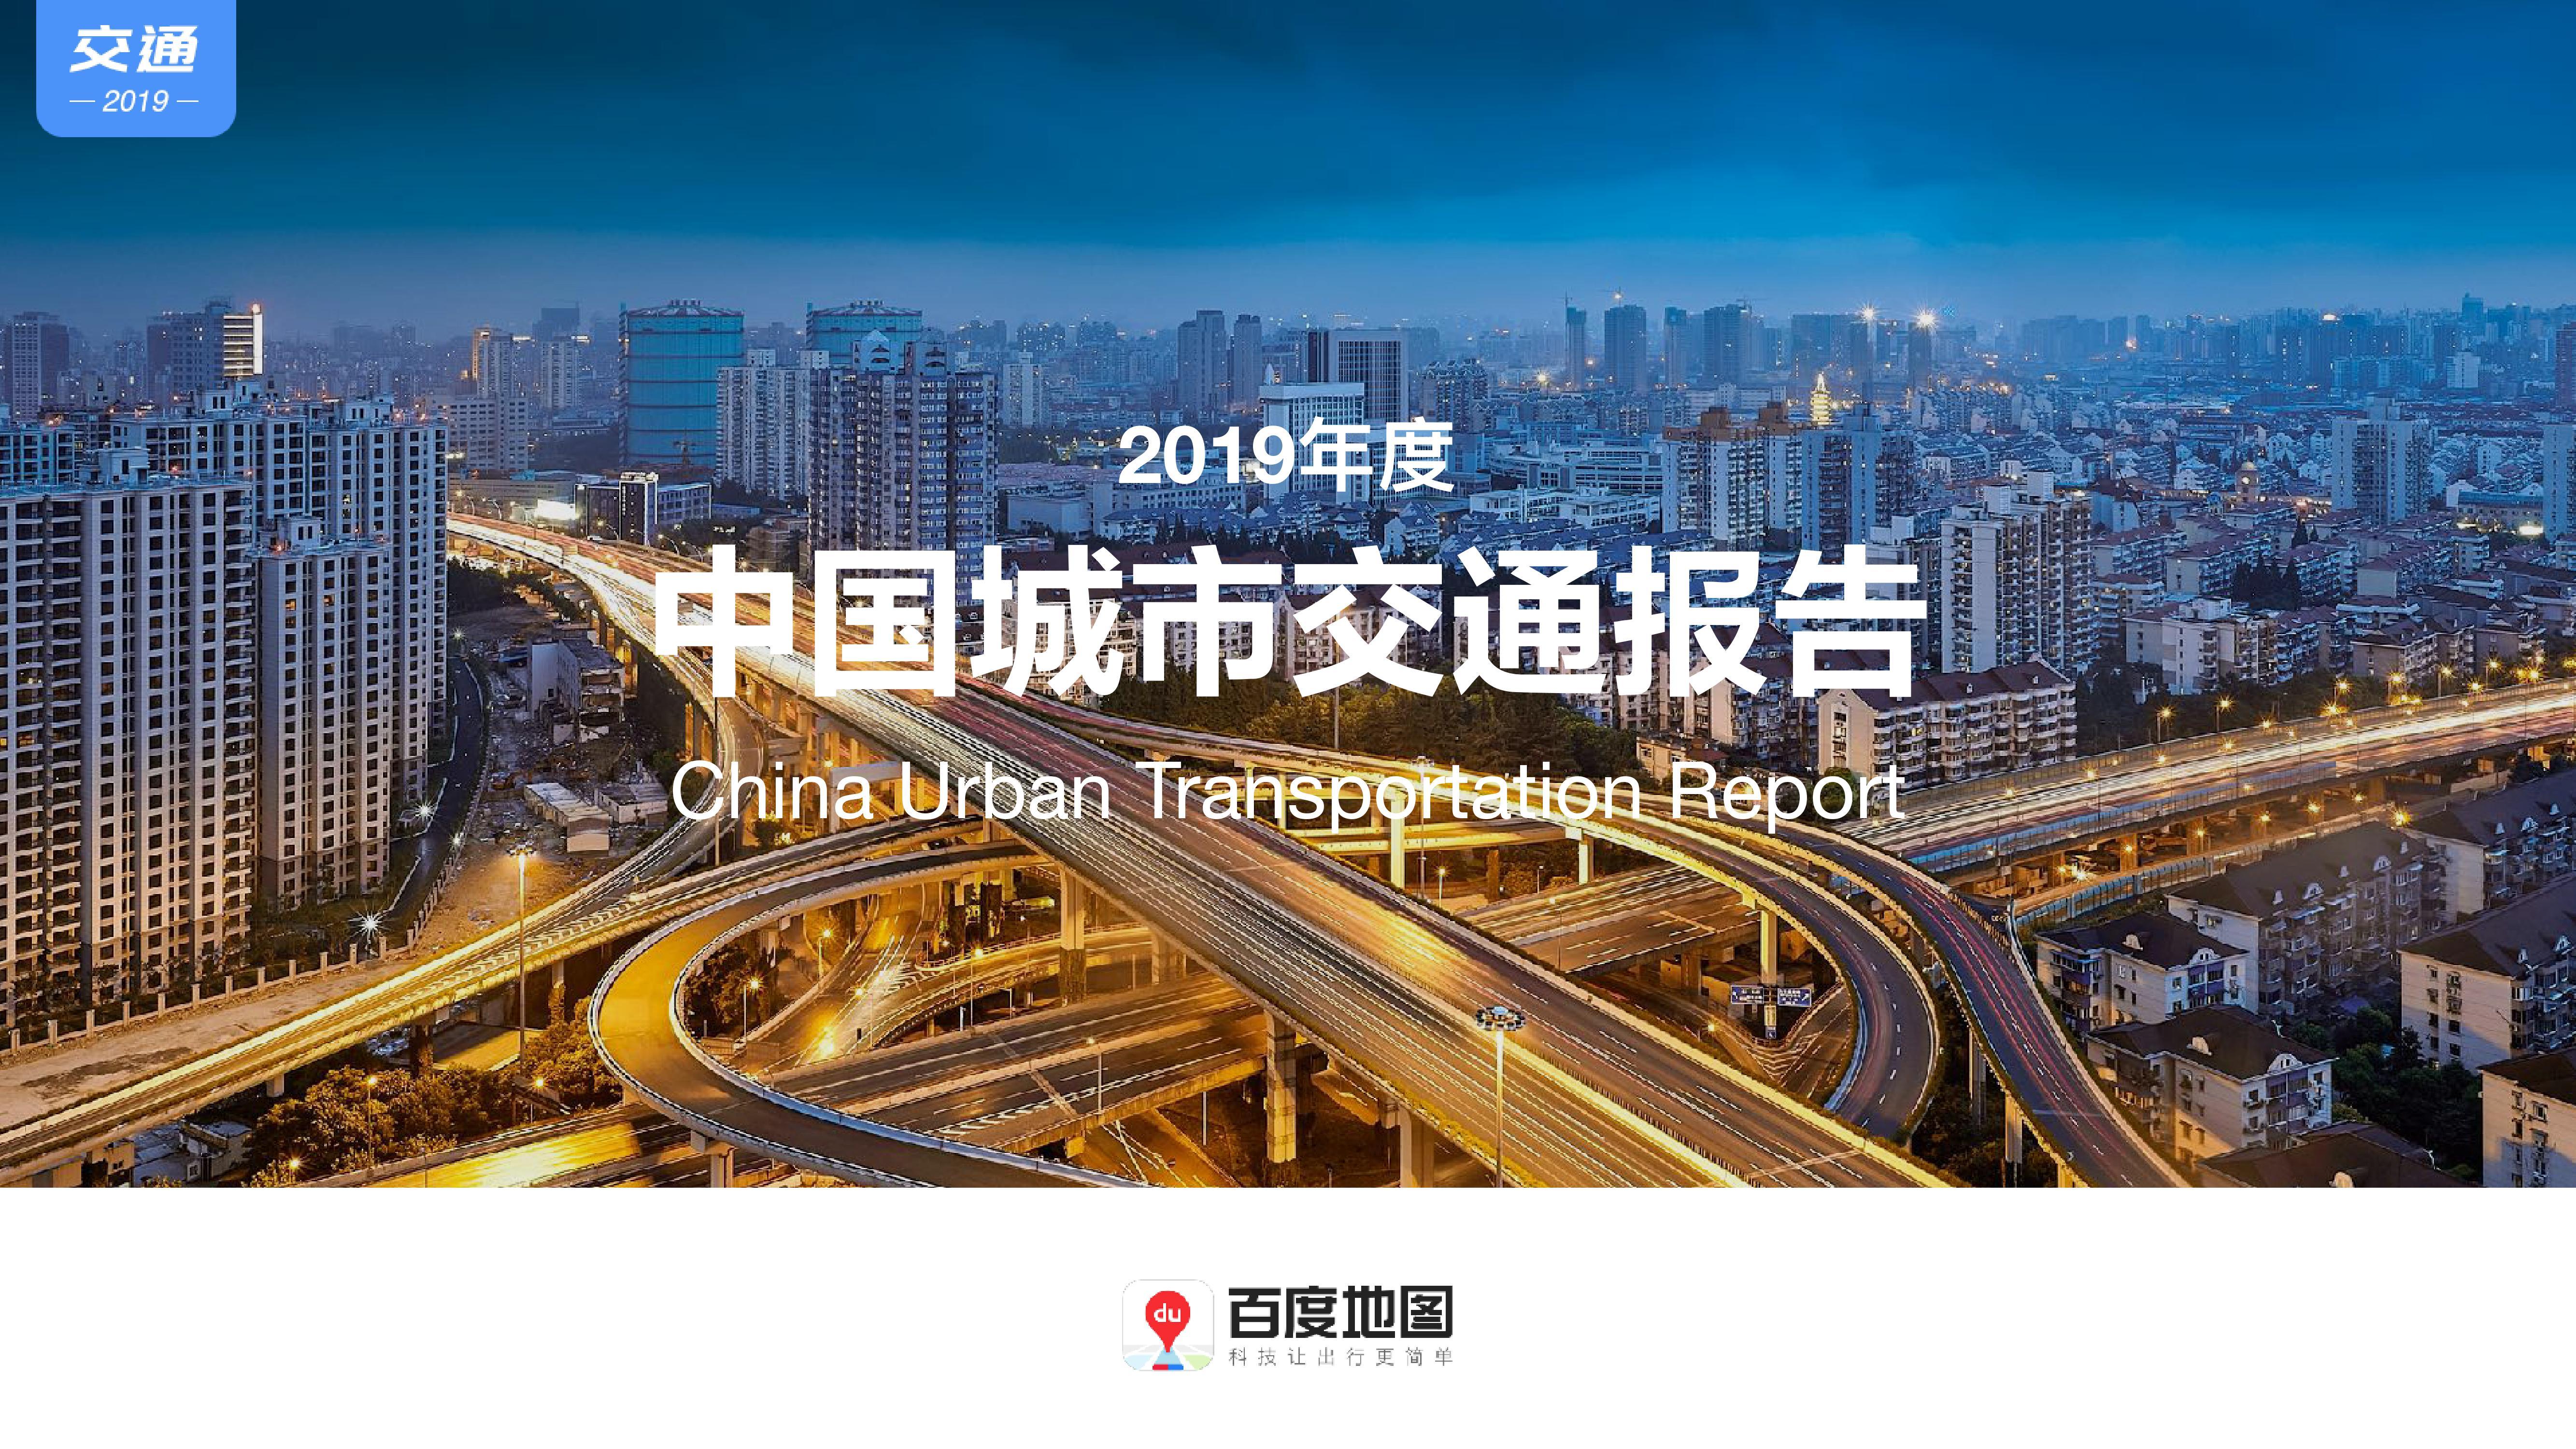 百度地图&清华大学:2019年度中国城市交通报告(附下载)